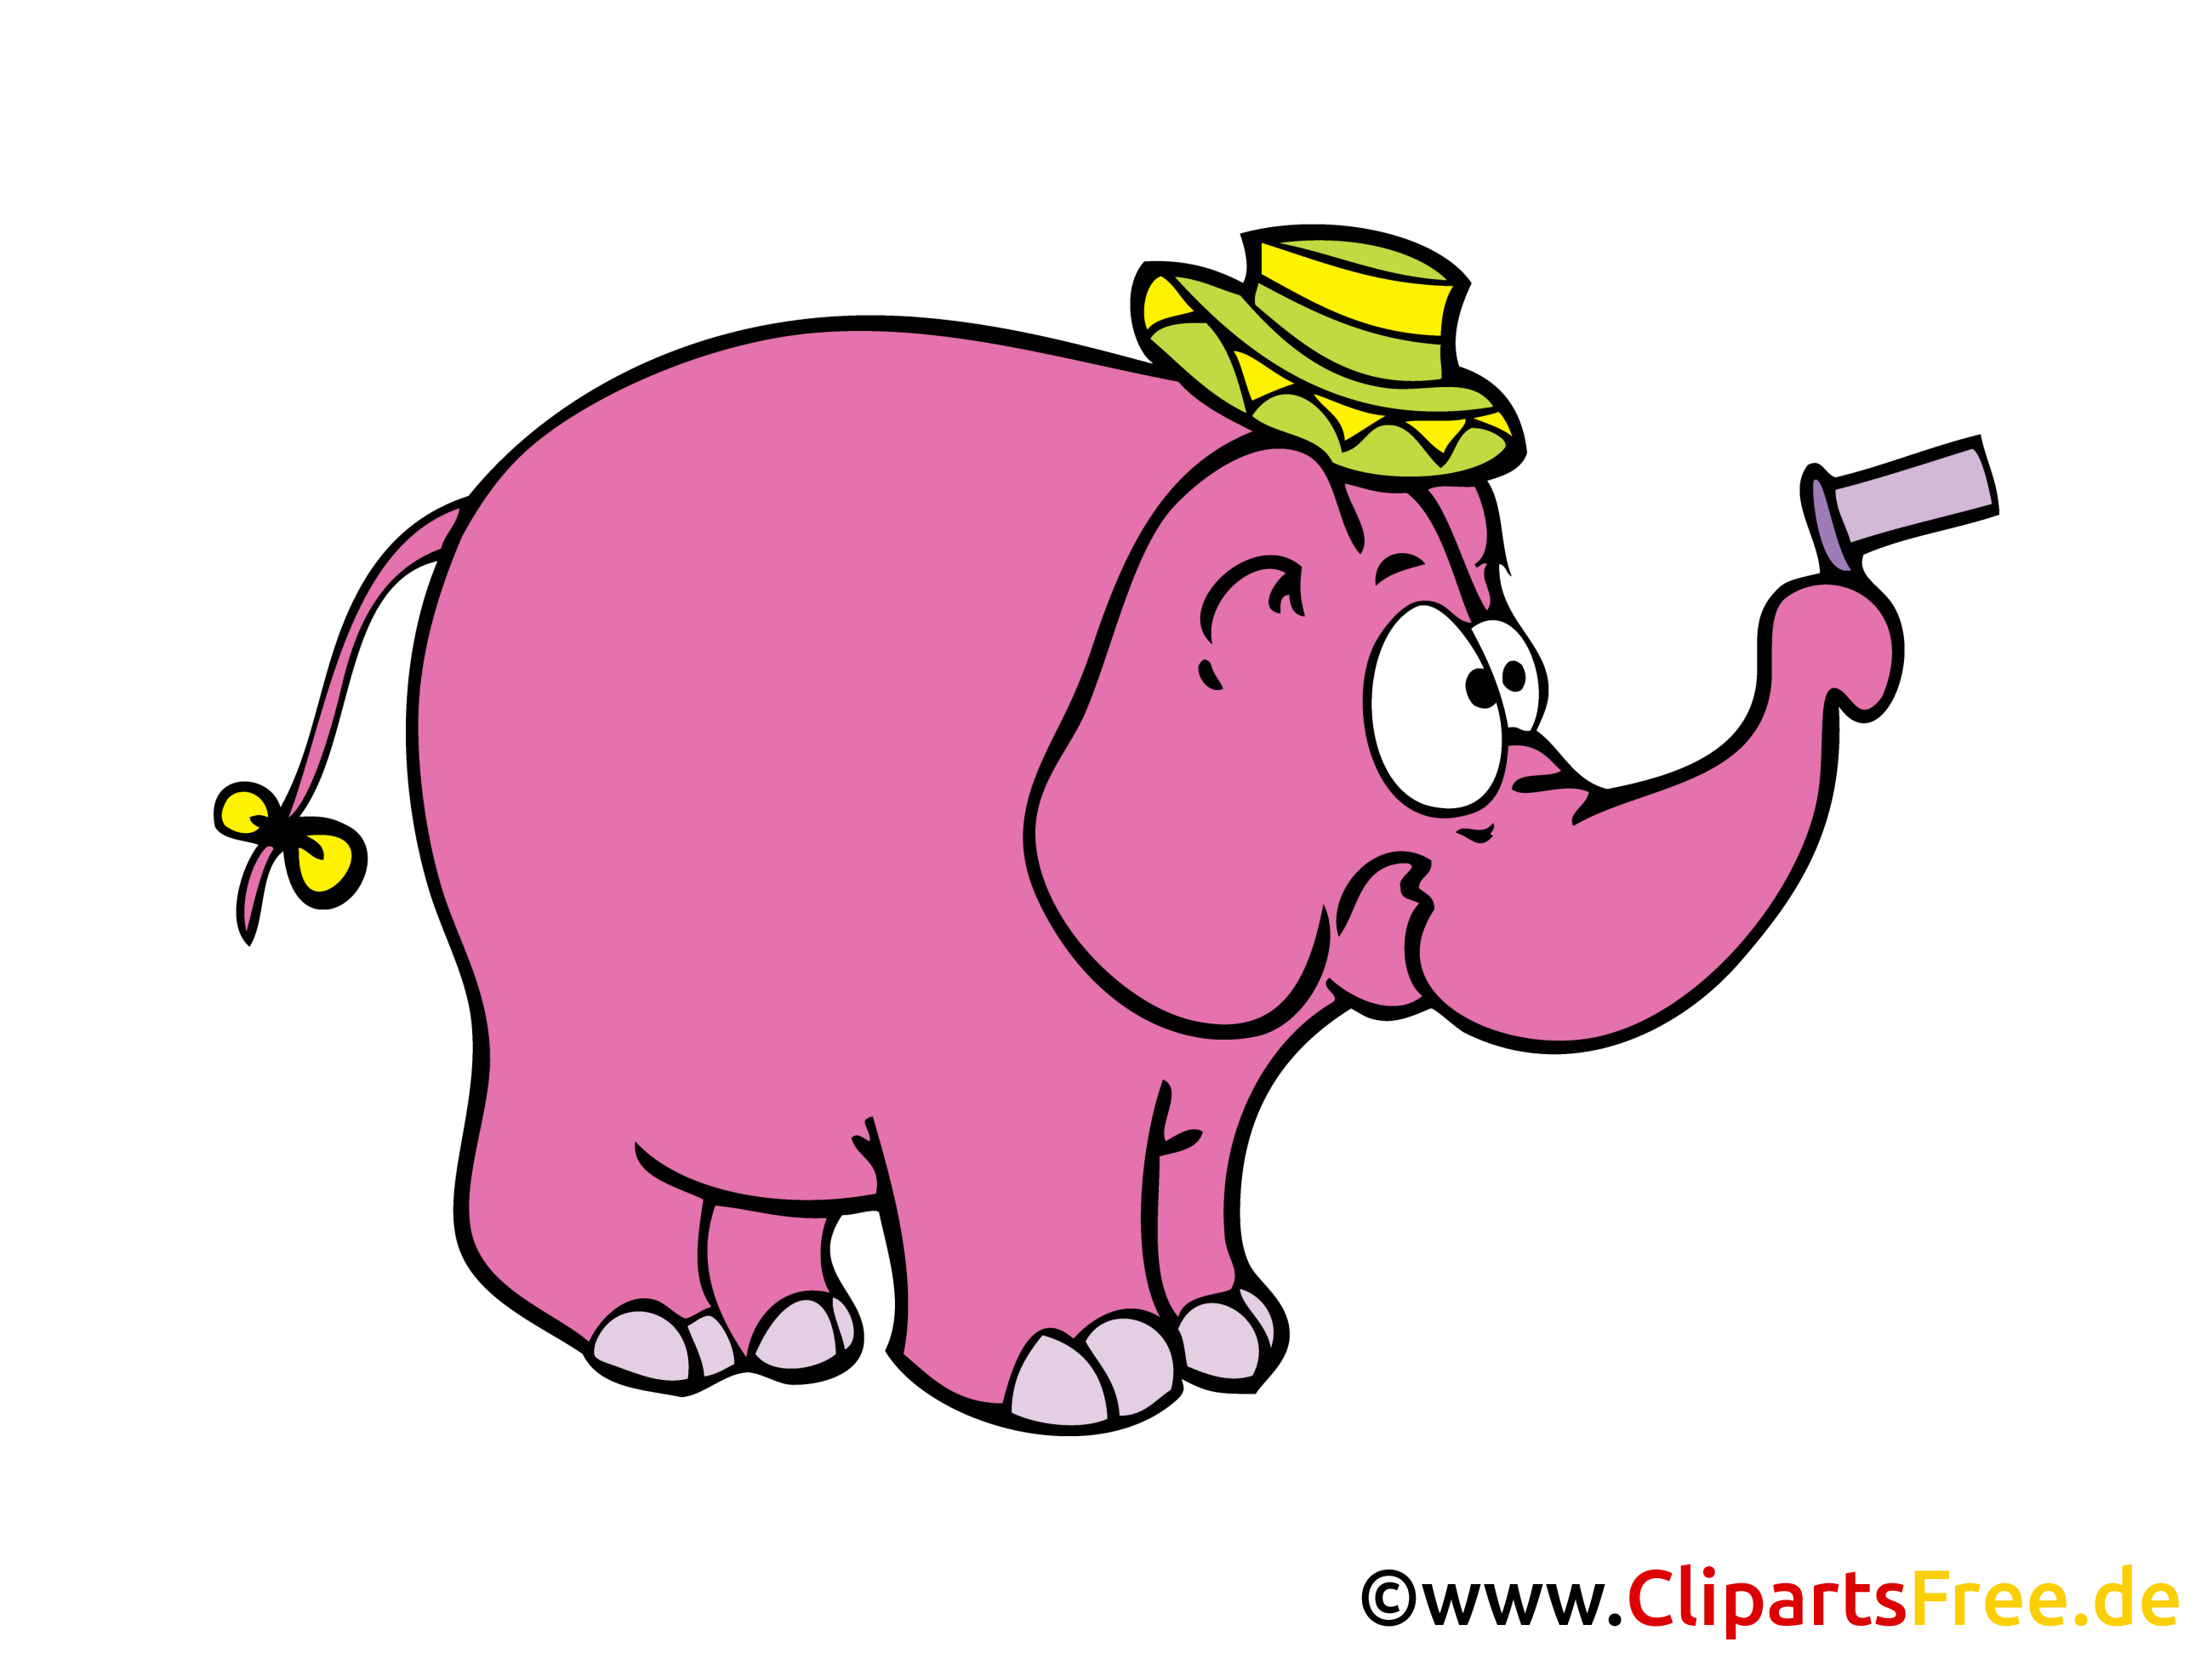 lustiger elefant comic cartoon illustration clipart. Black Bedroom Furniture Sets. Home Design Ideas